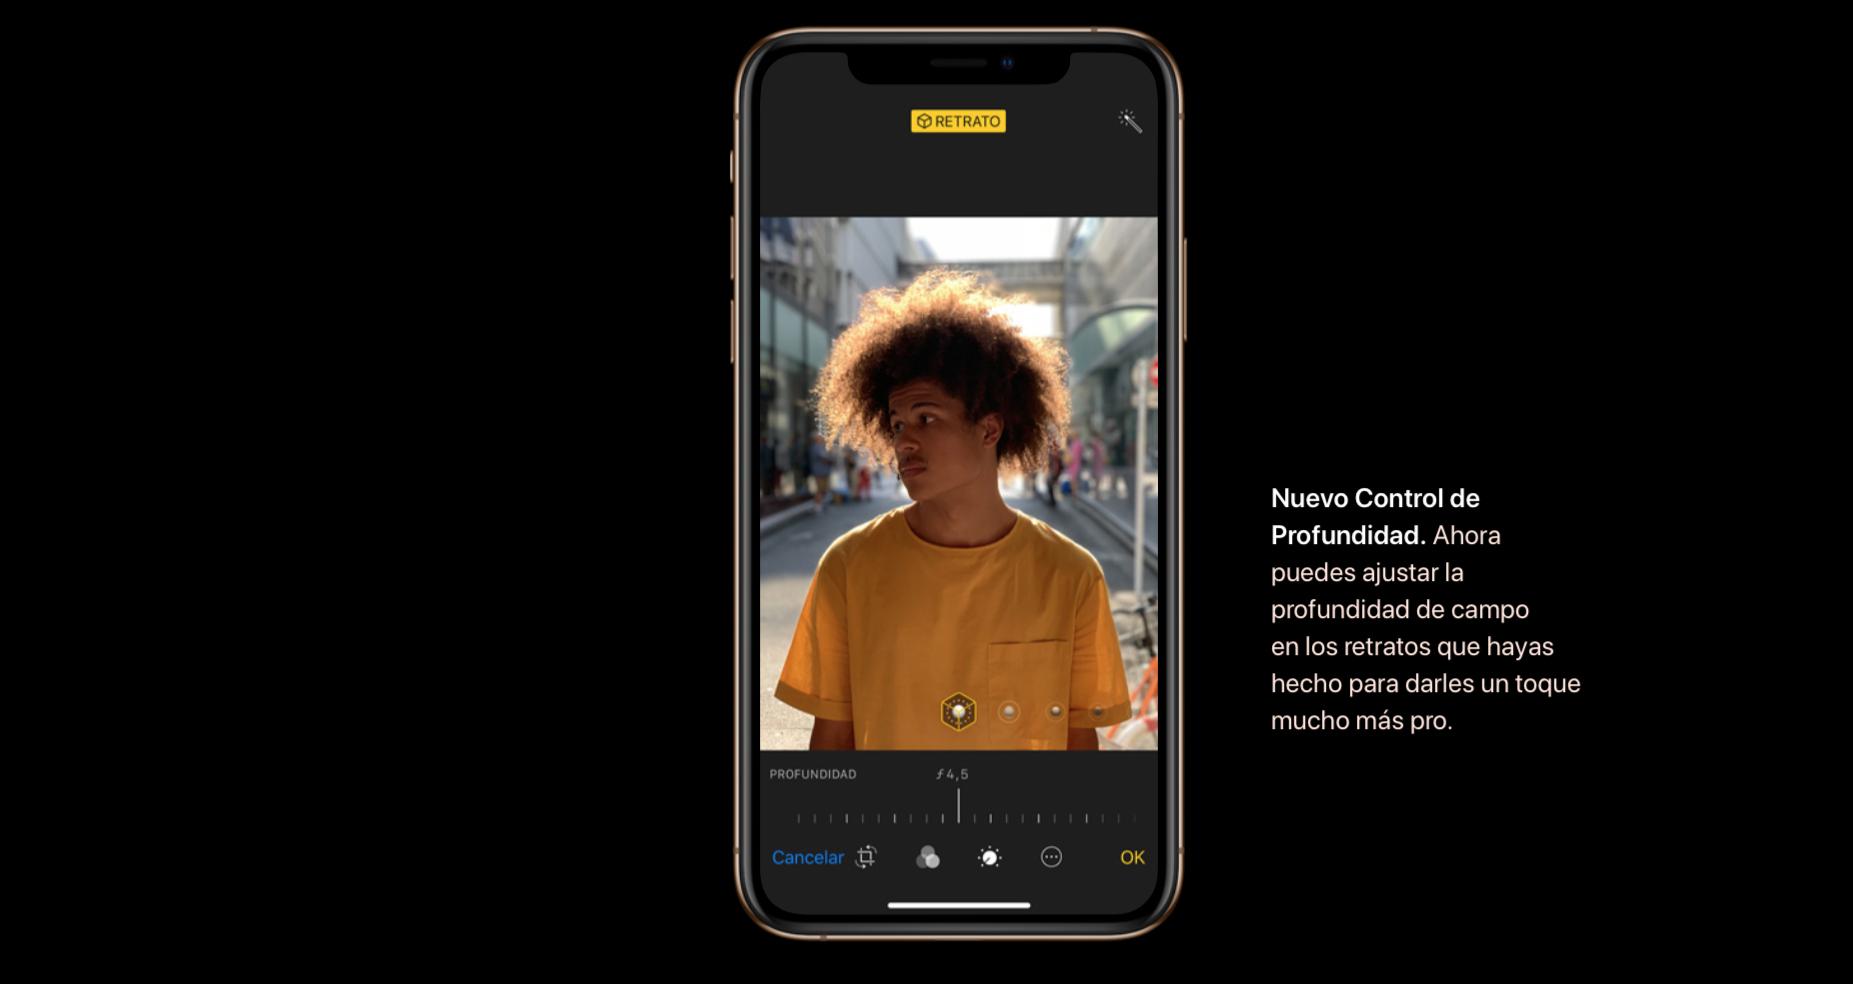 """¿Nos está engañando Apple con el iPhone XS y su exclusividad de """"control de profundidad"""" en las fotos?"""